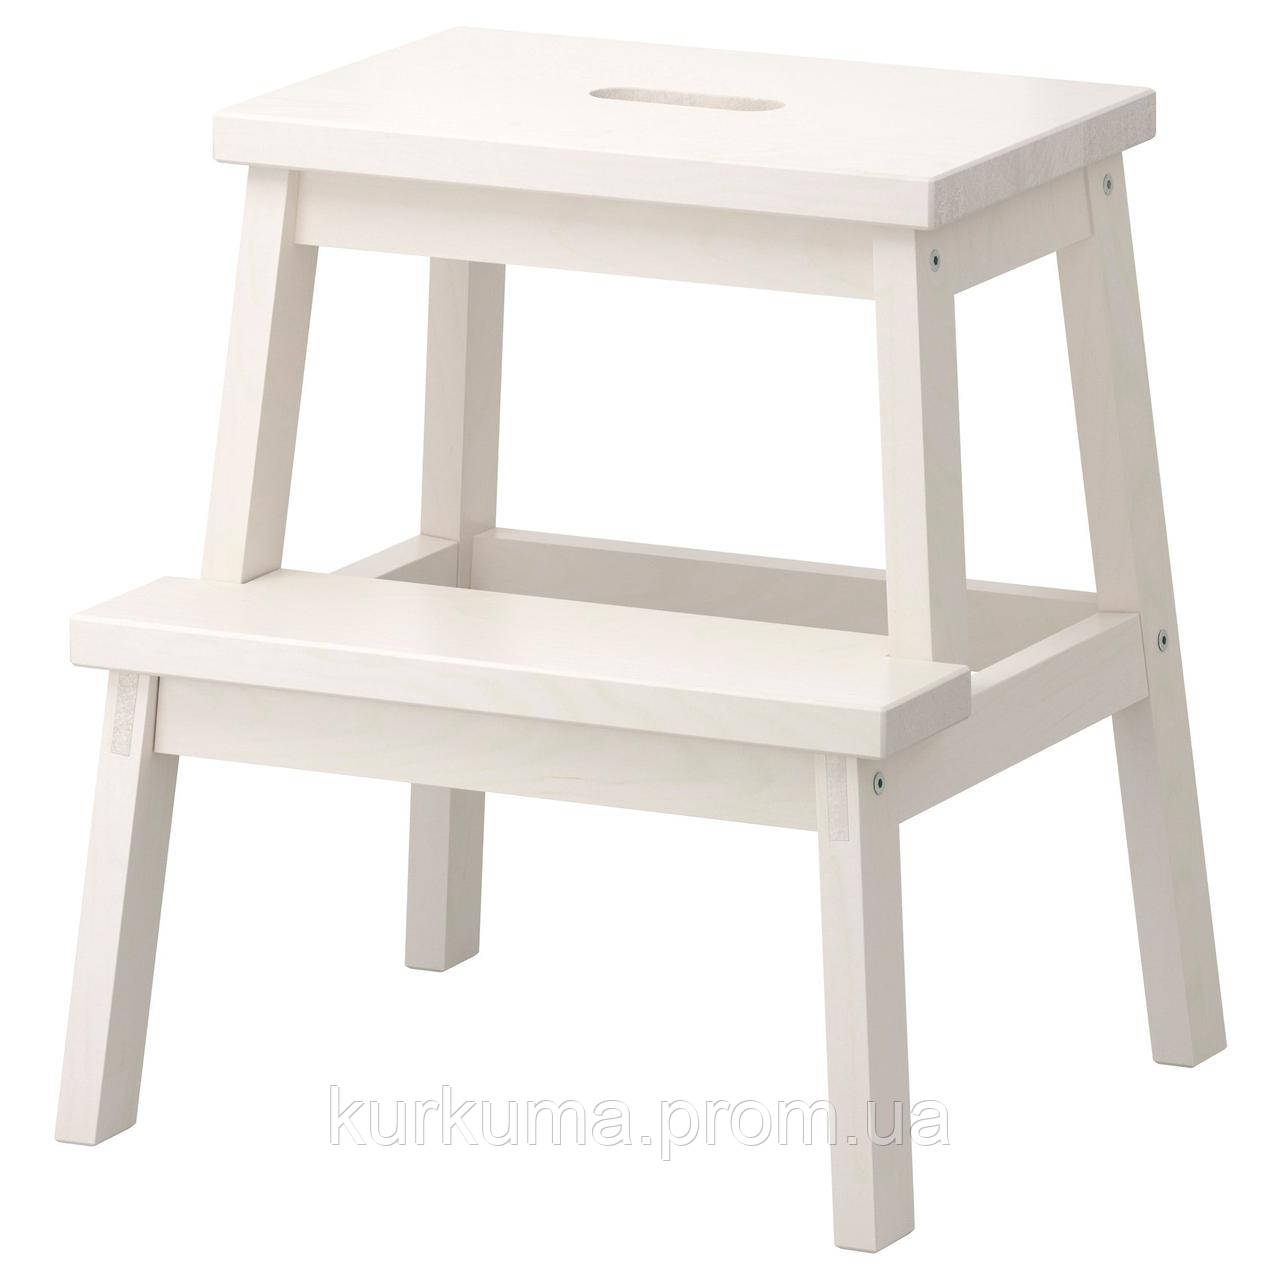 IKEA BEKVAM Табурет-лестница, белый  (401.788.88)